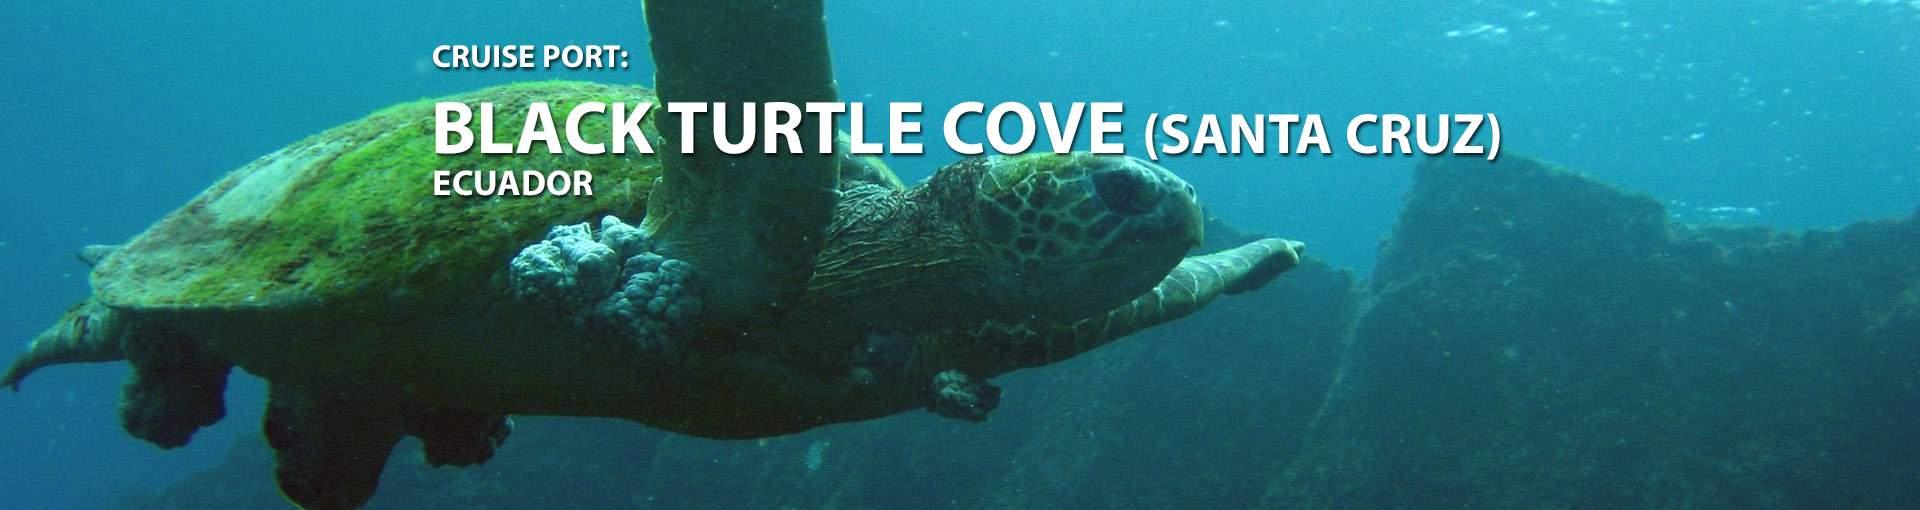 Black Turtle Cove, Ecuador Cruise Port